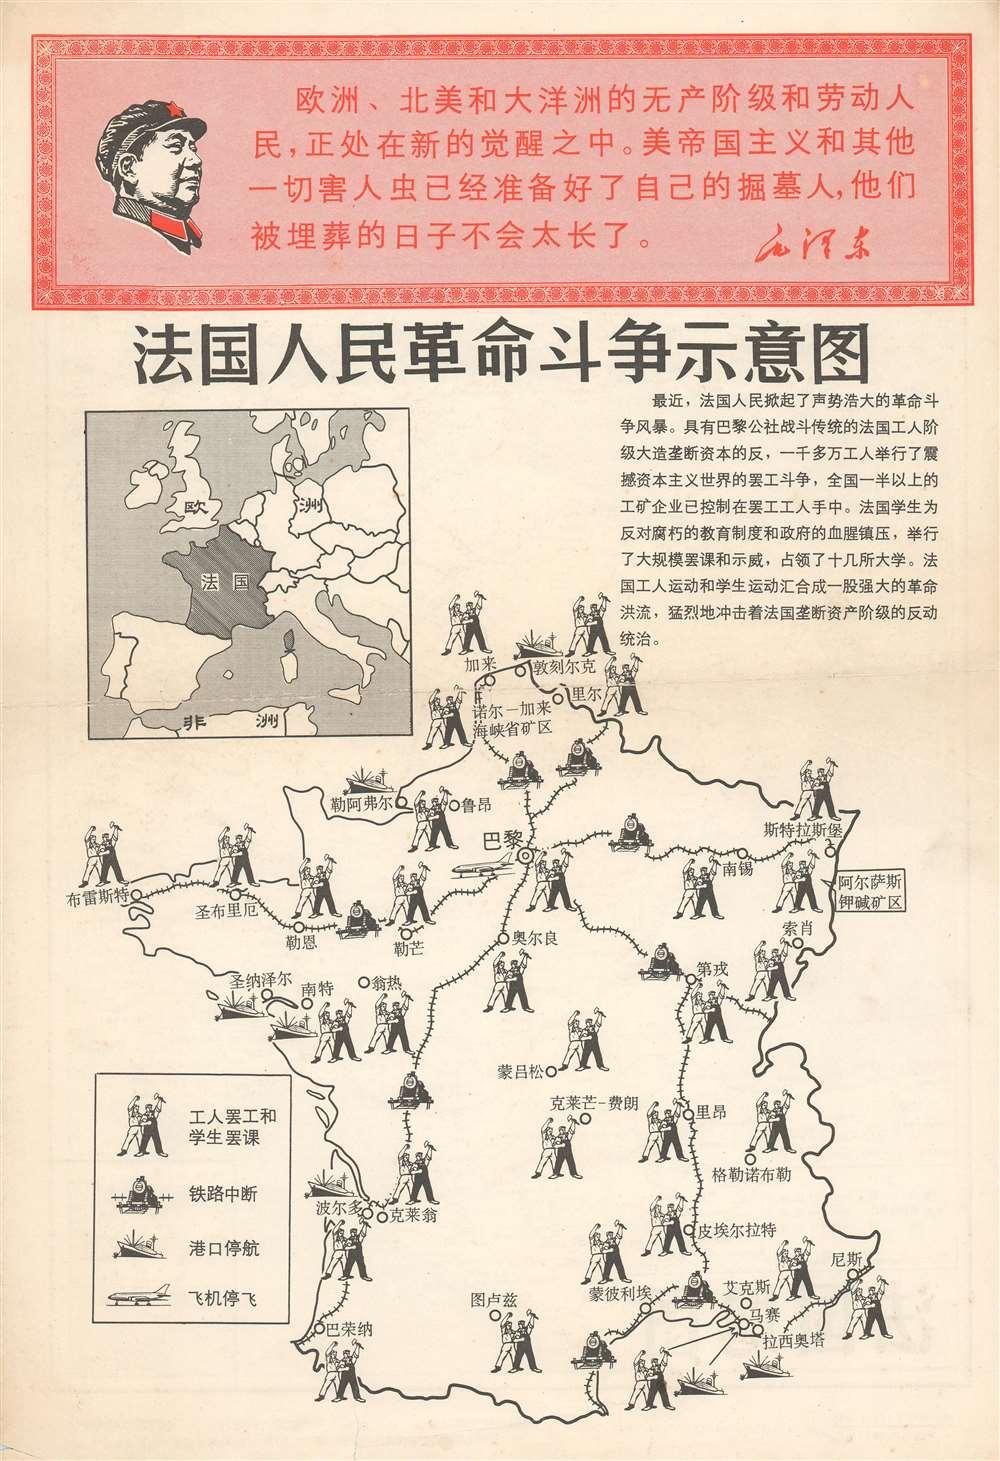 法国人民革命斗争示意图 / Sketch of the Revolutionary Struggle of the French People.  法国地图 / Map of France. - Main View